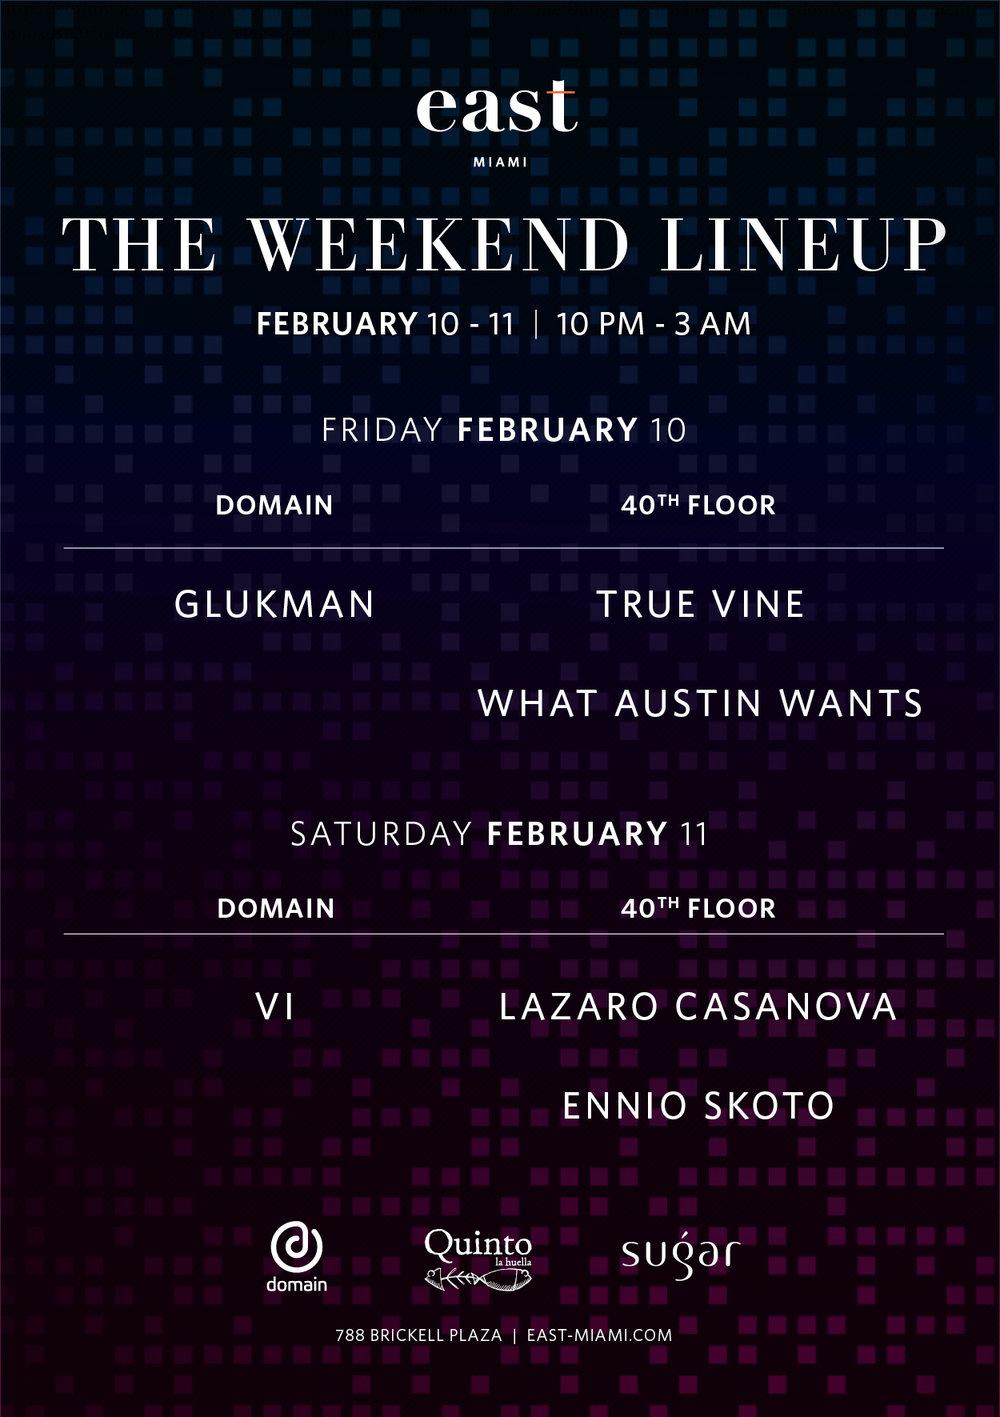 February 10 - 11 Line Up.jpg